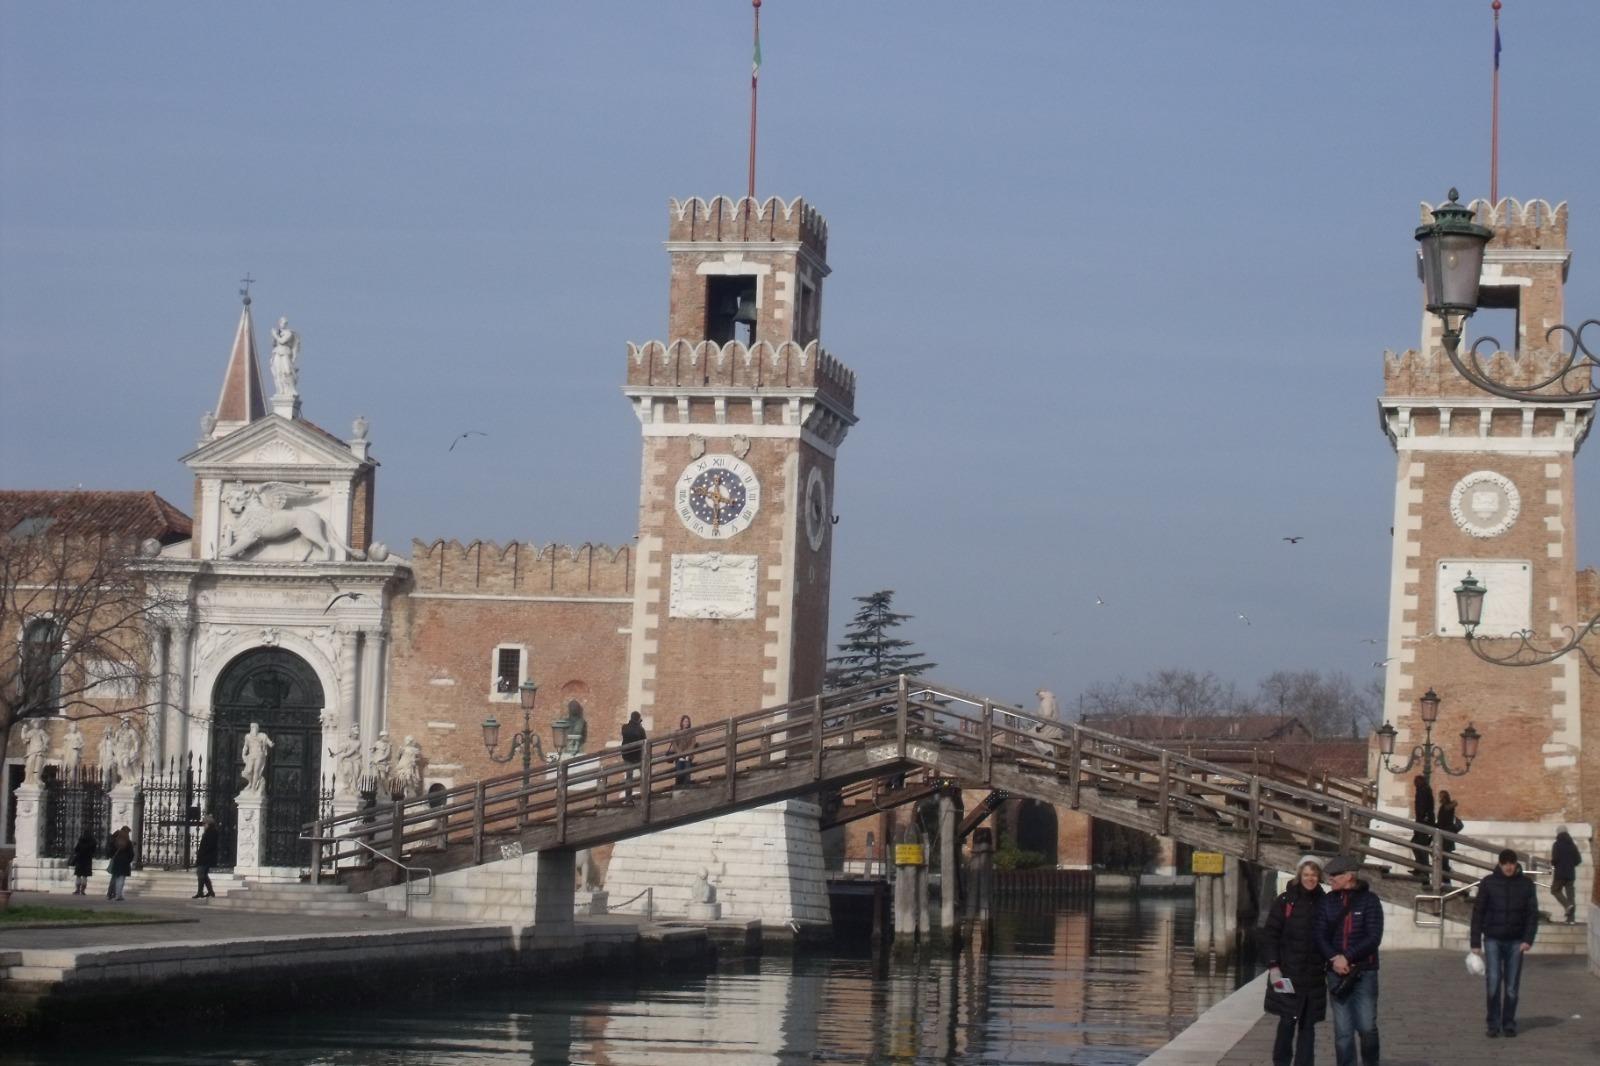 venezia7-1600183224.jpg